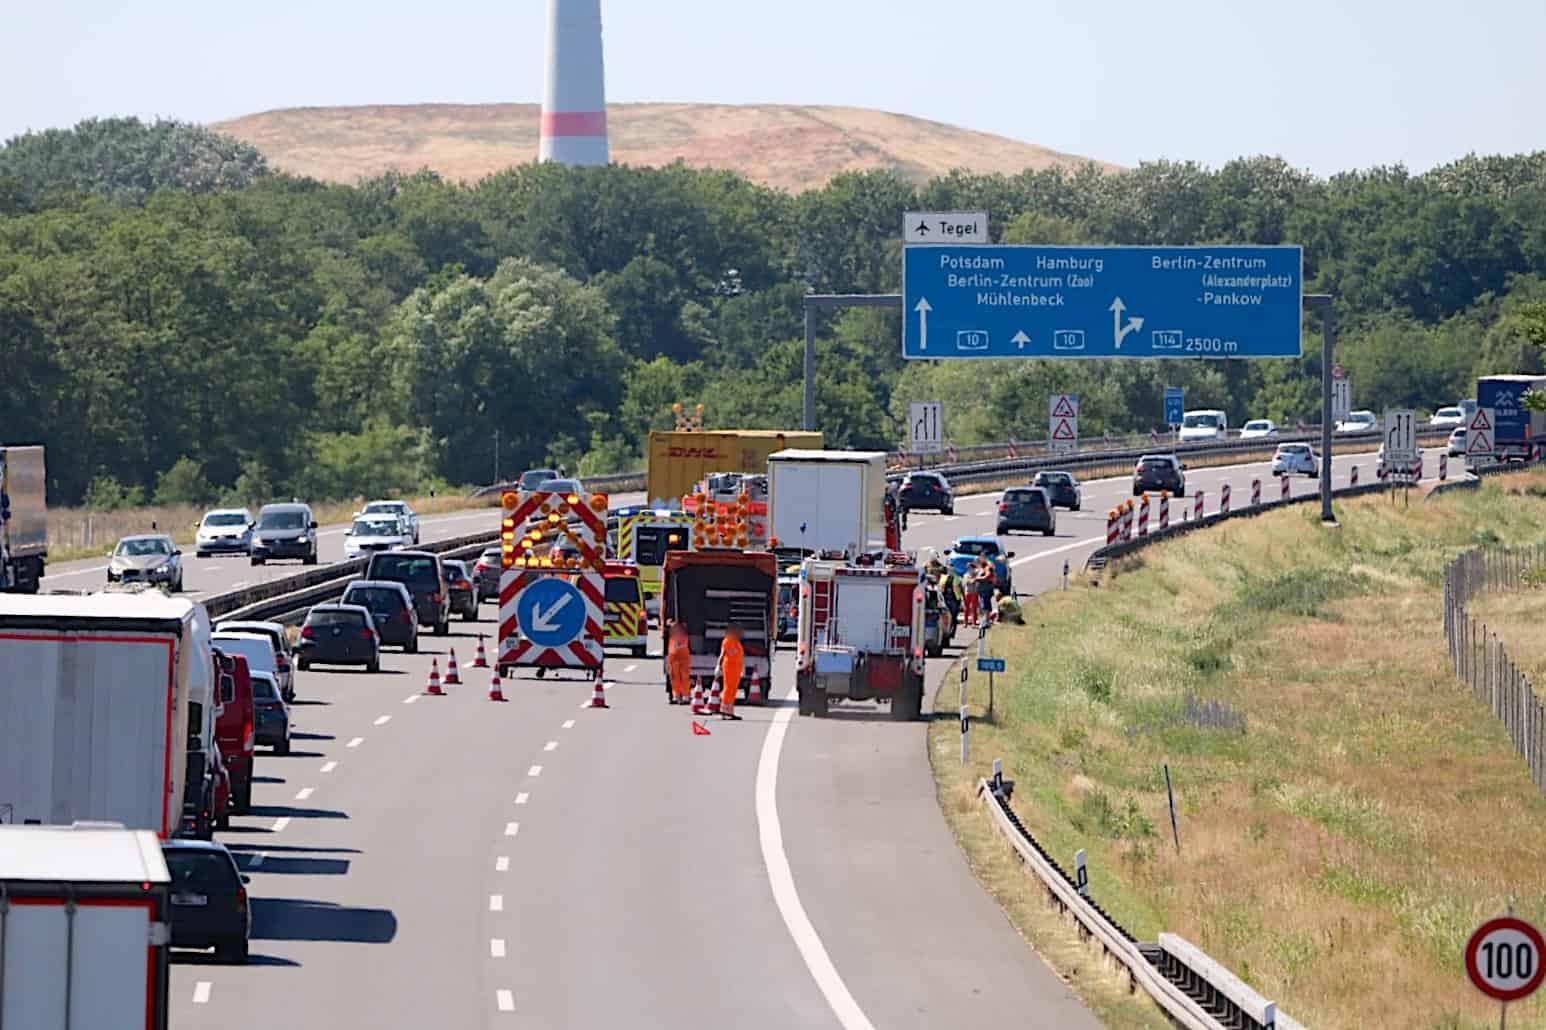 Schwerer Unfall auf der A10 - Dreieck Barnim - Dreieck Pankow